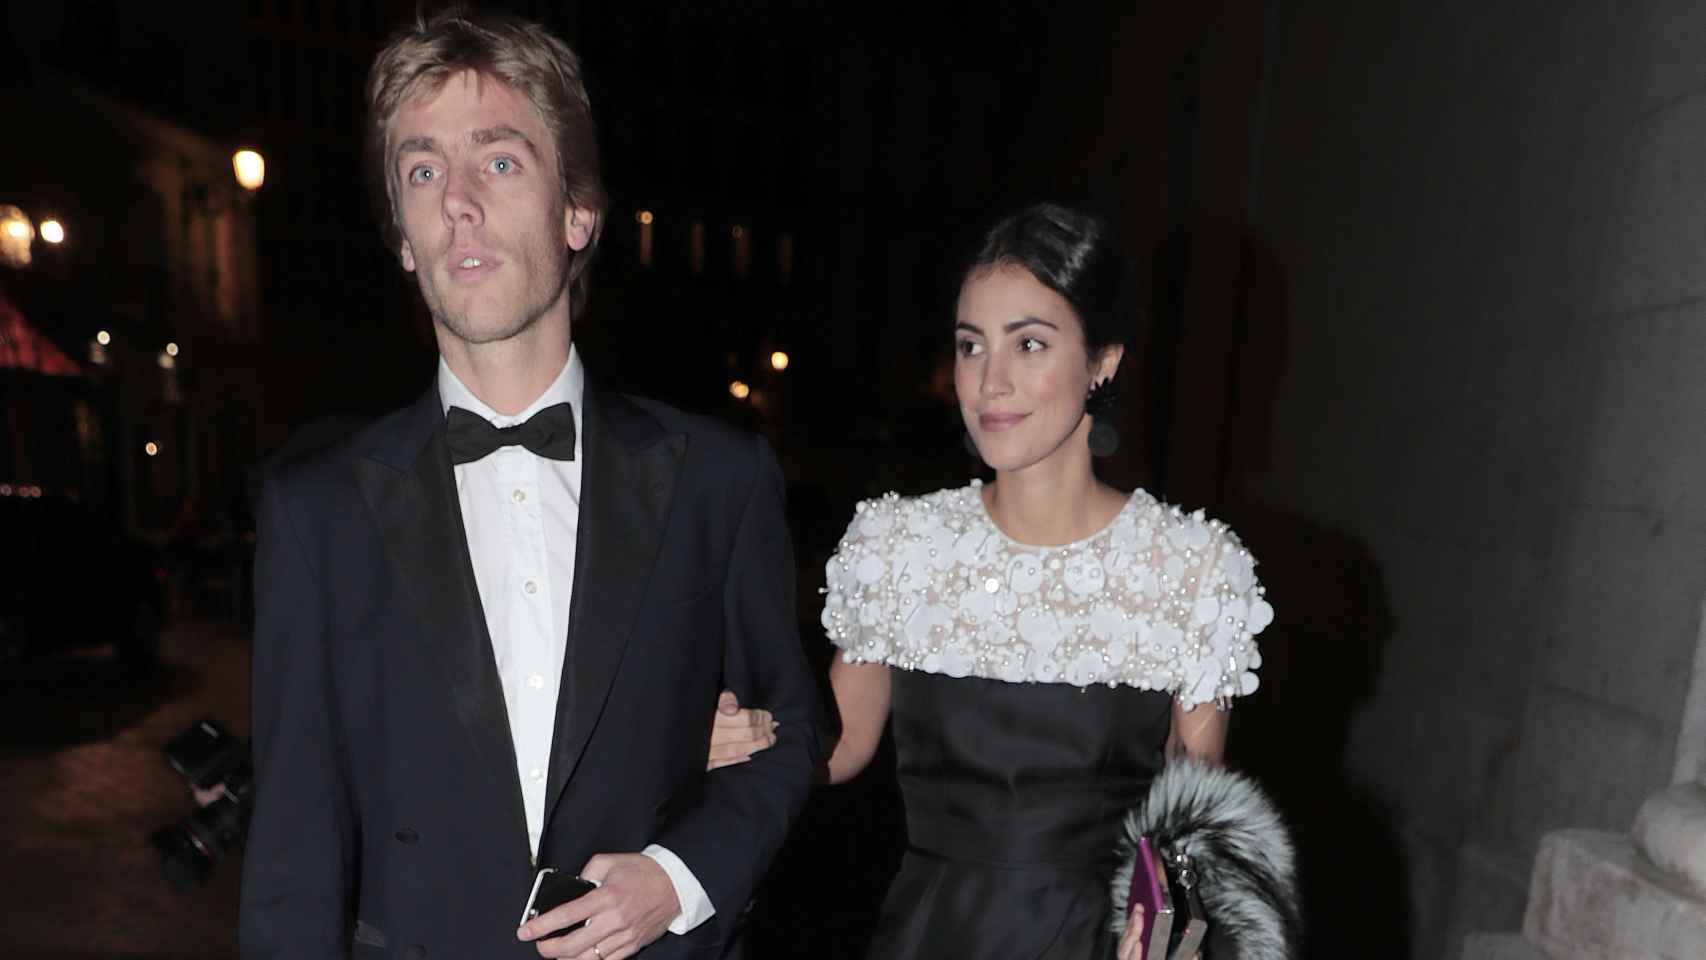 Alessandra de Osma y Christian de Hannover en imagen de archivo.